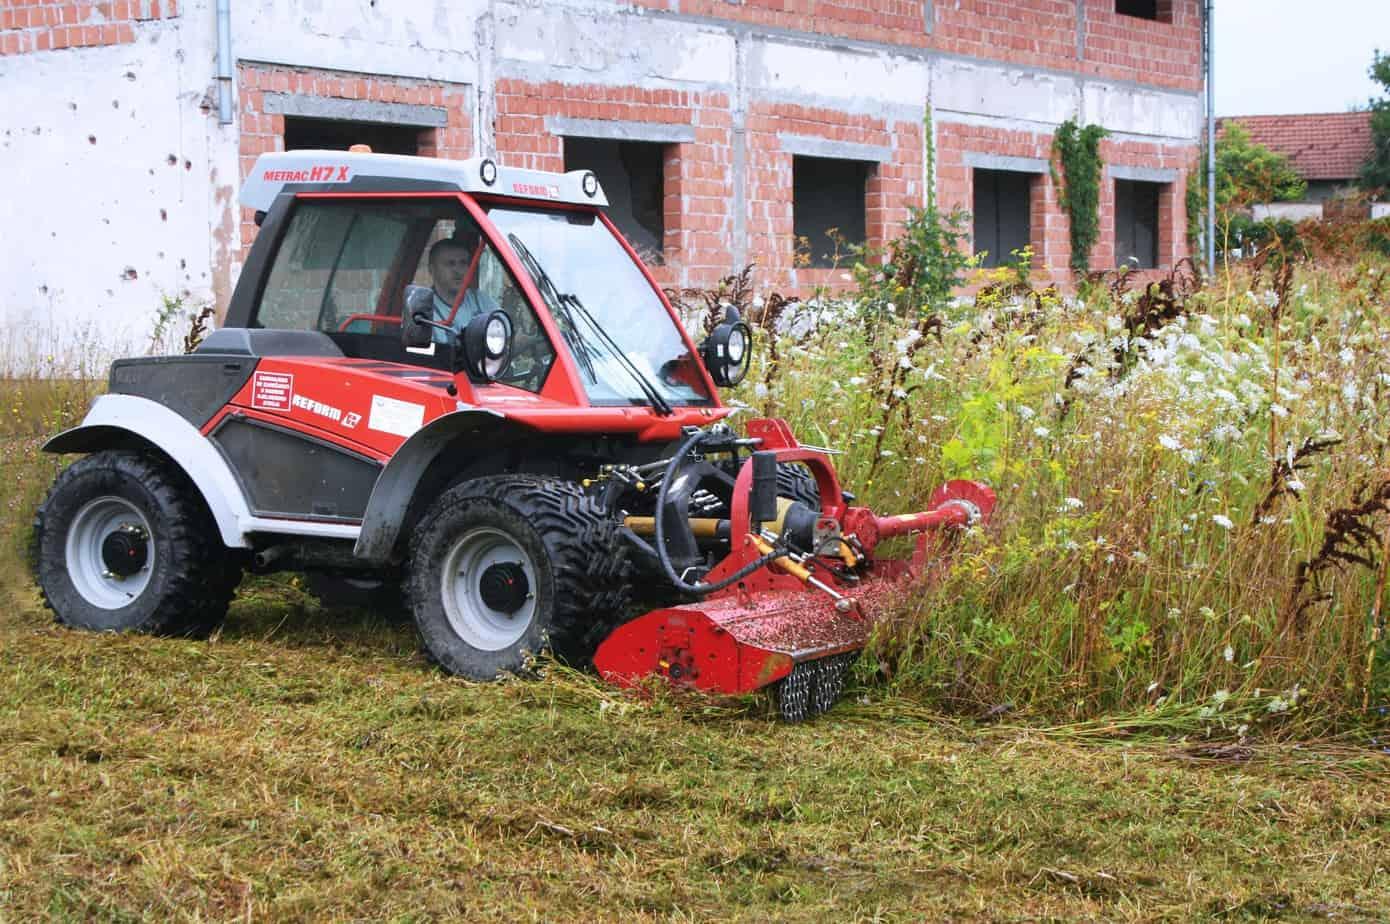 La trinciatrice SMWA k su un trattore Reform